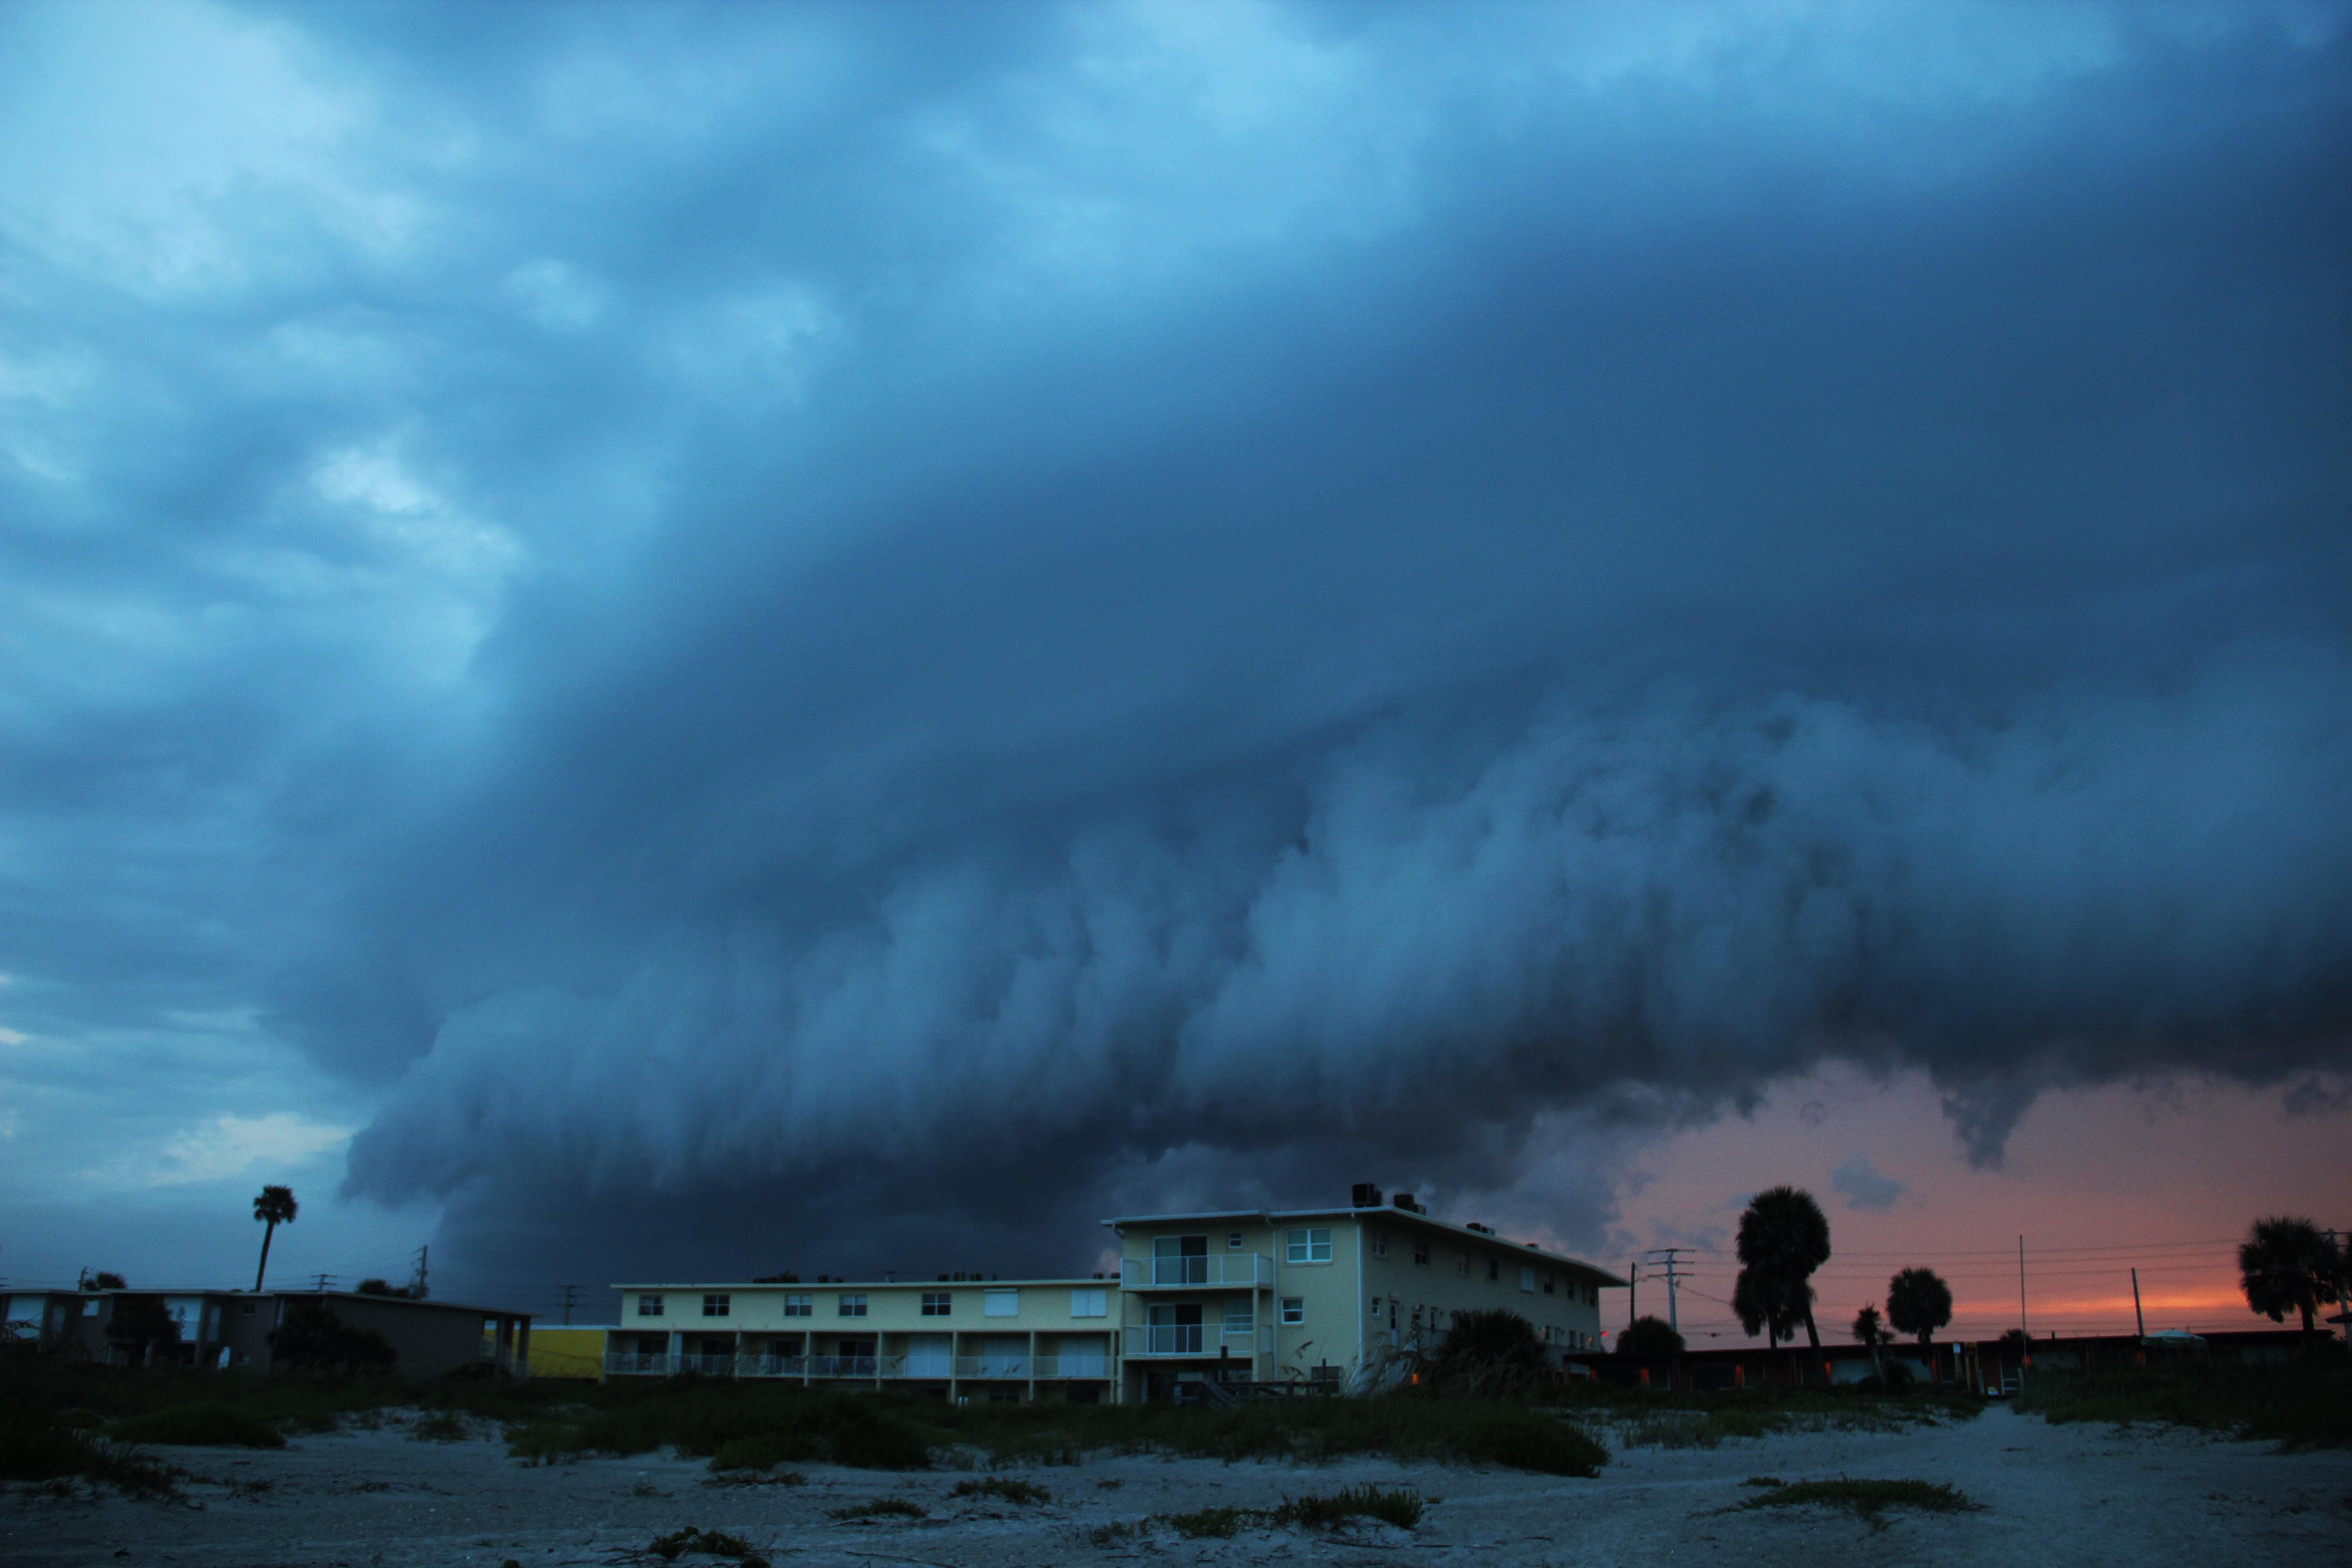 Hình ảnh Thiên Nhiên đại Dương đám Mây Bầu Trời Nhiều